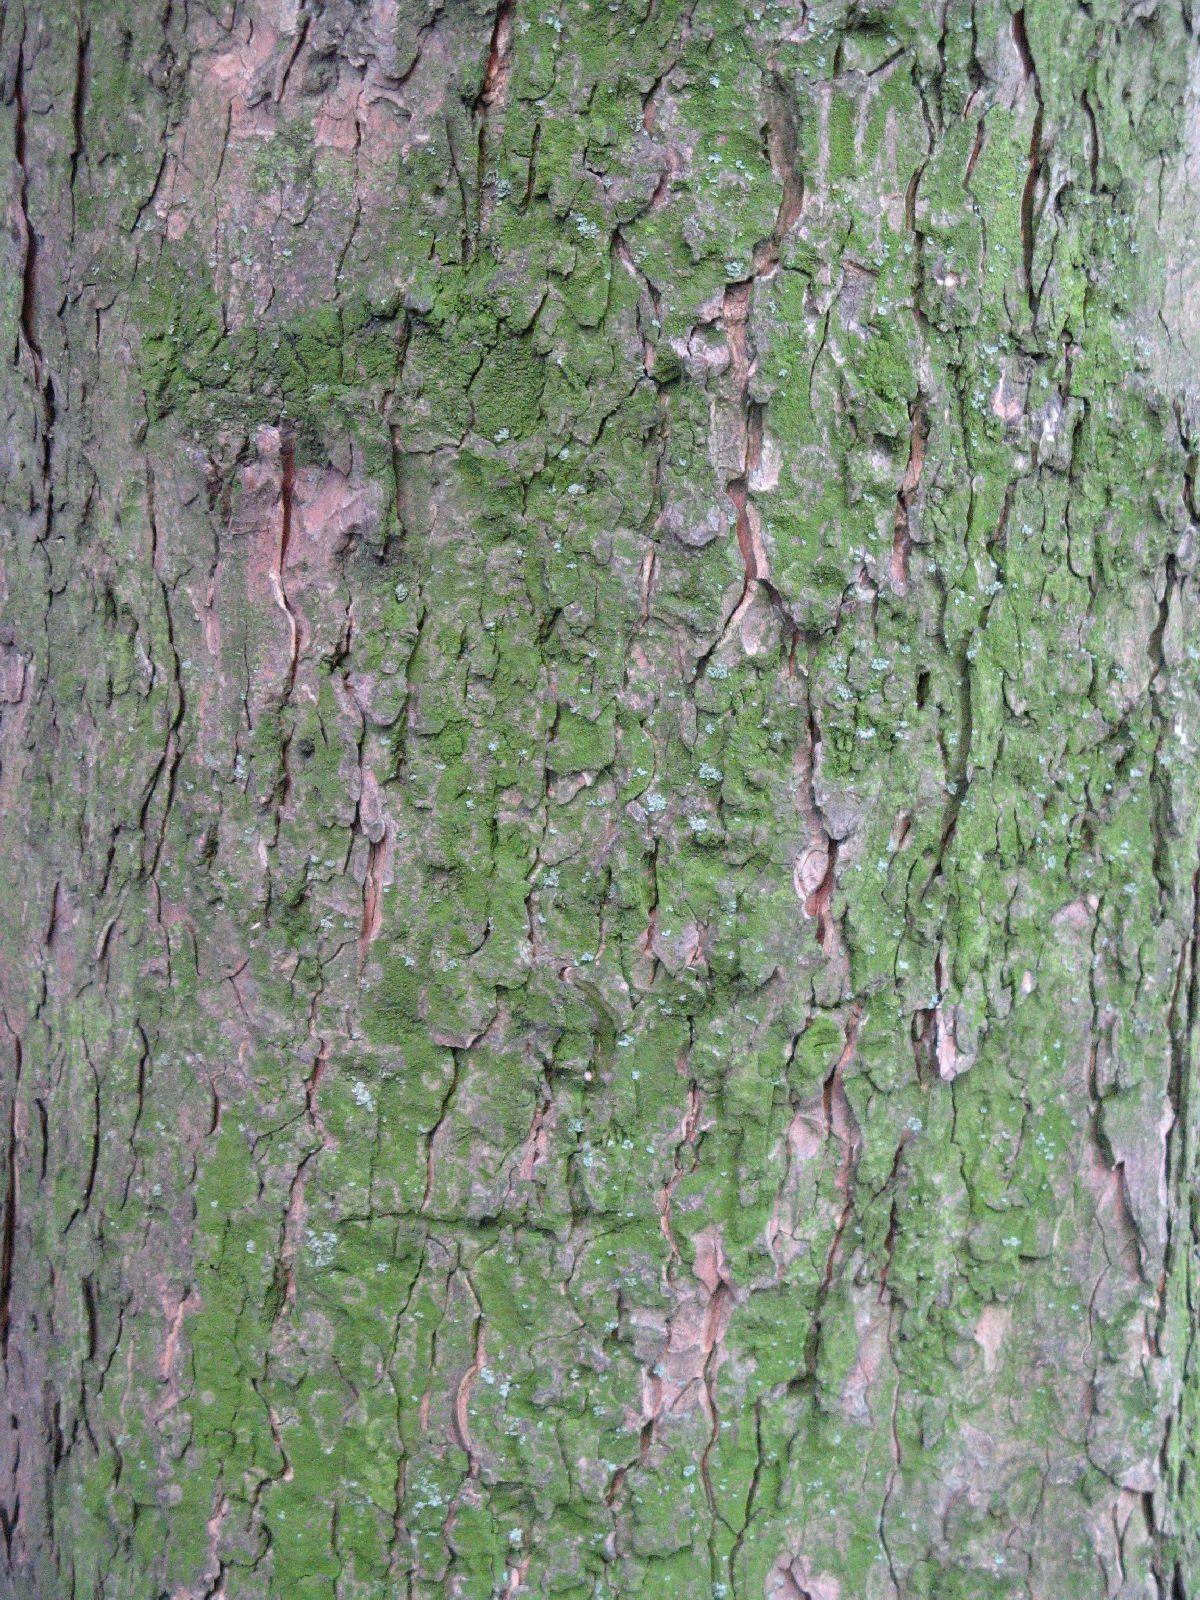 Baum-Rinde_Texturs_B_28020